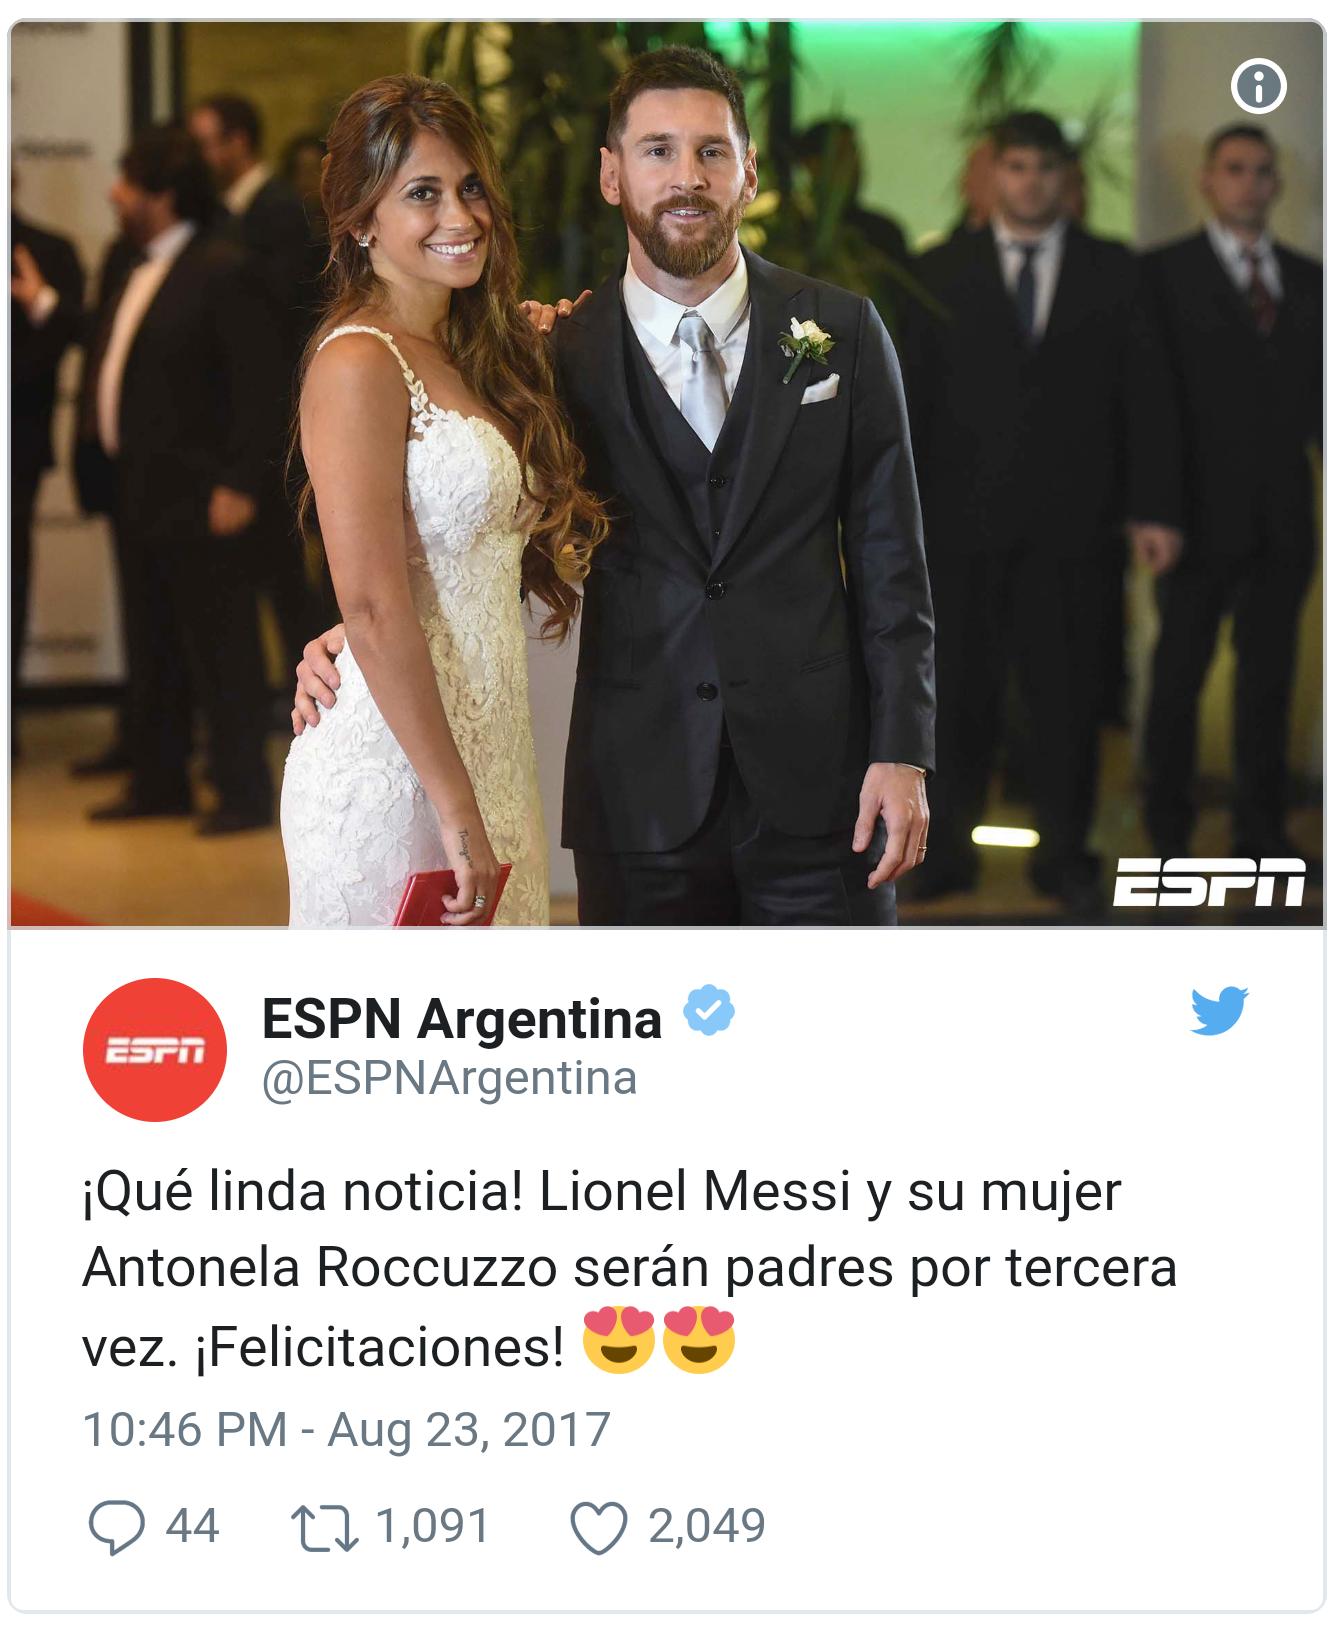 הדיווח ב-ESPN ארגנטינה (צילום מתוך טוויטר)